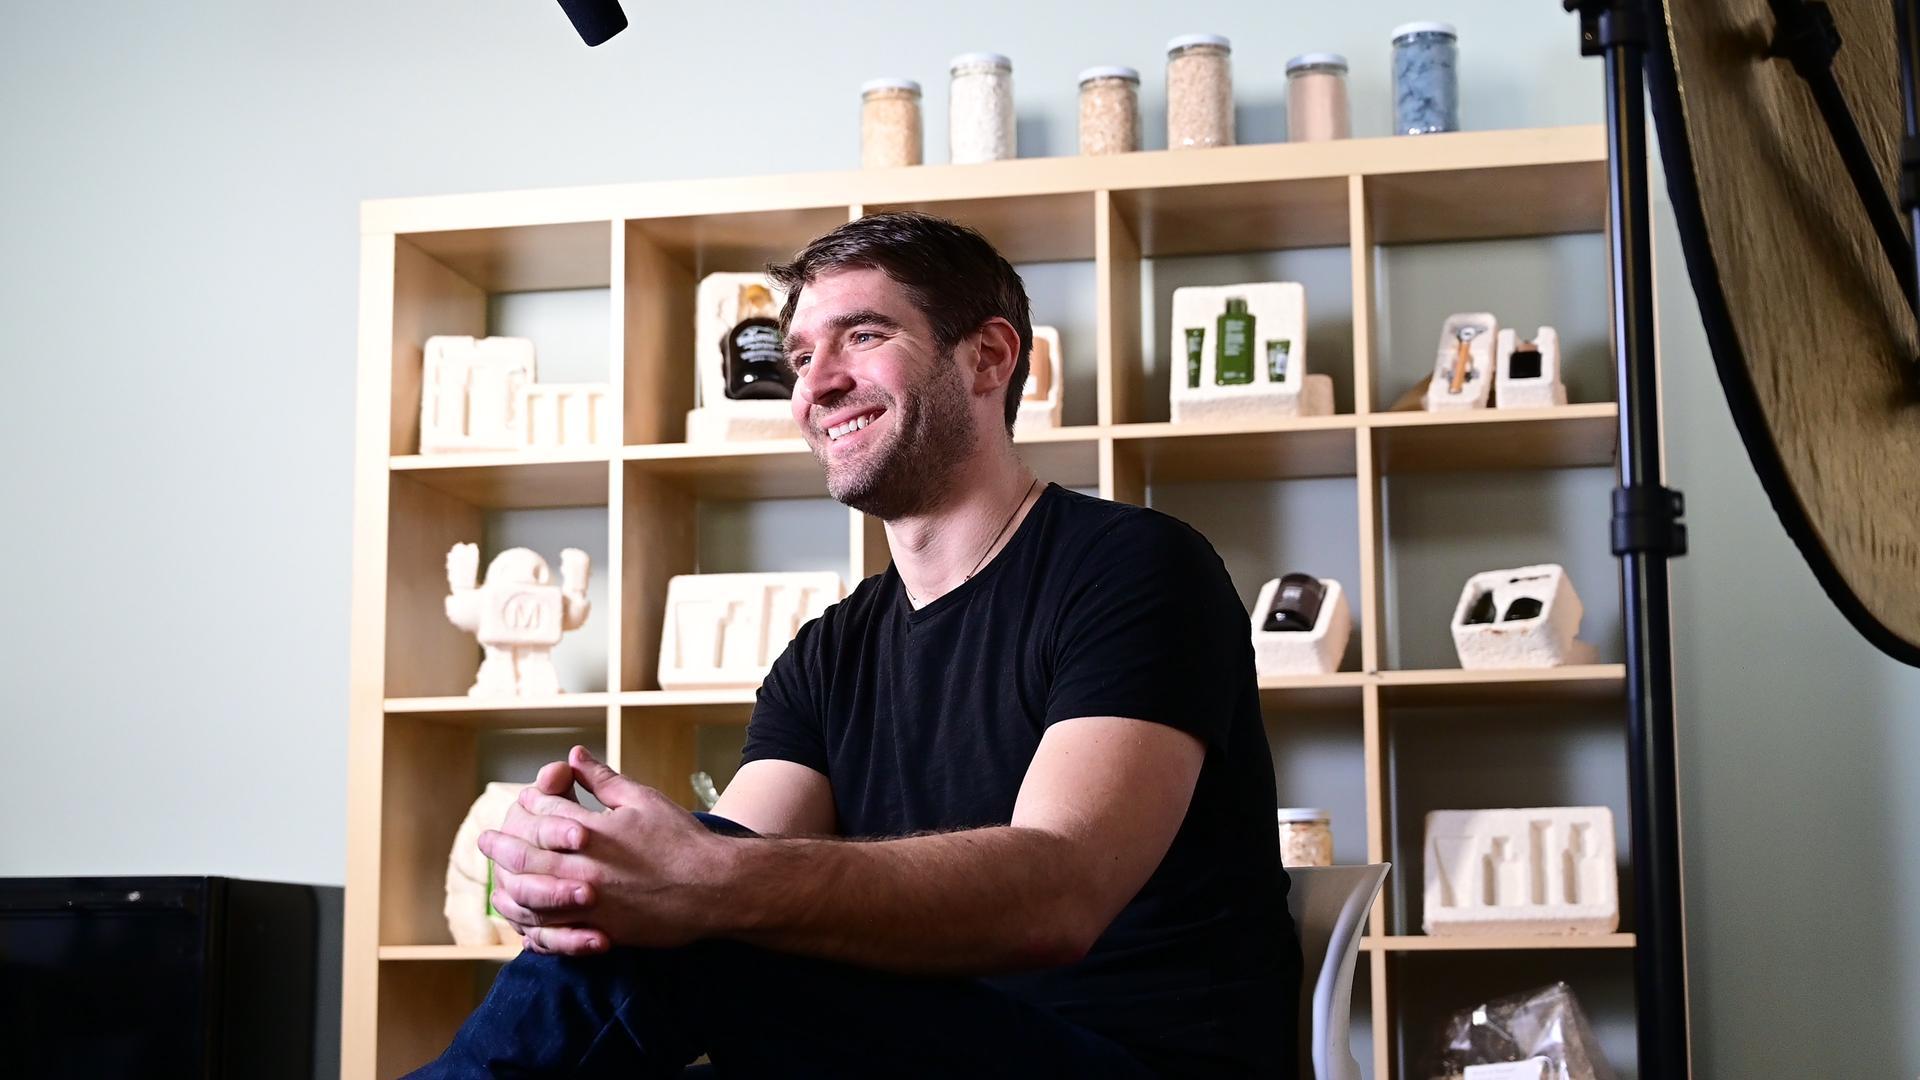 Voormalig winnaar groene startup wedstrijd in Nederland breidt duurzame onderneming uit met nieuwe investering van 100 miljoen dollar